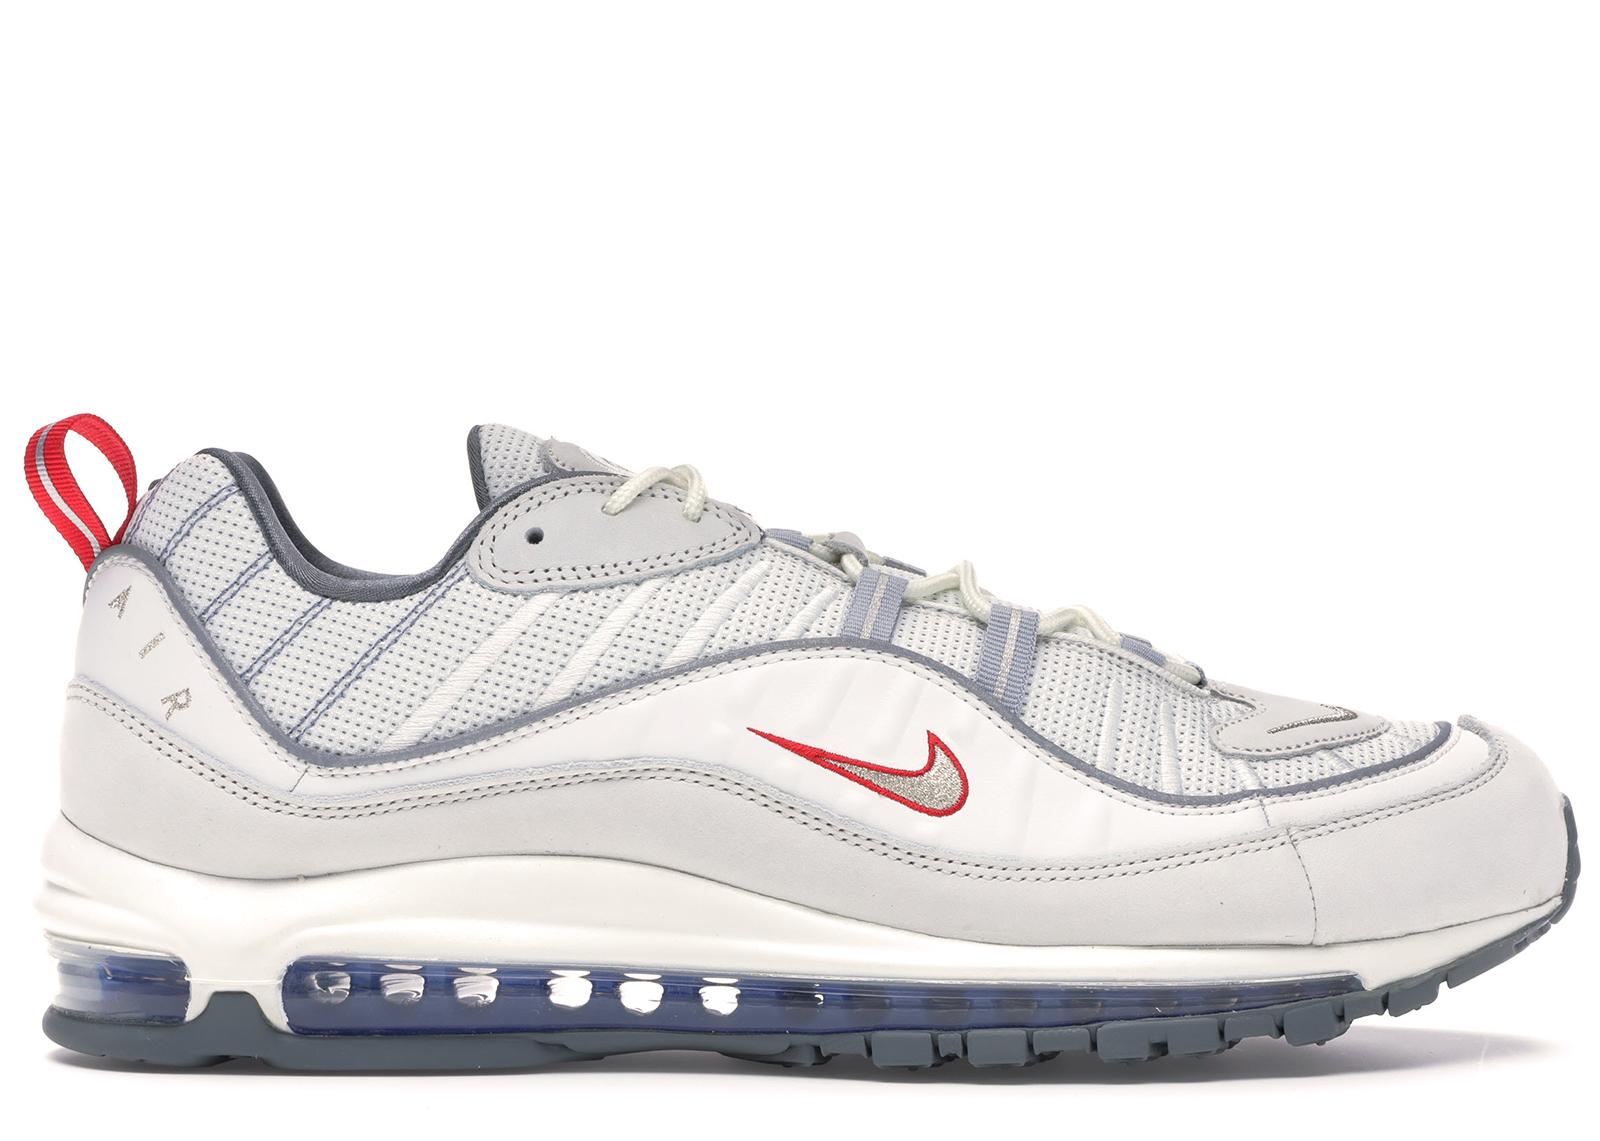 Nike Air Max 98 Summit White - CD1538-100